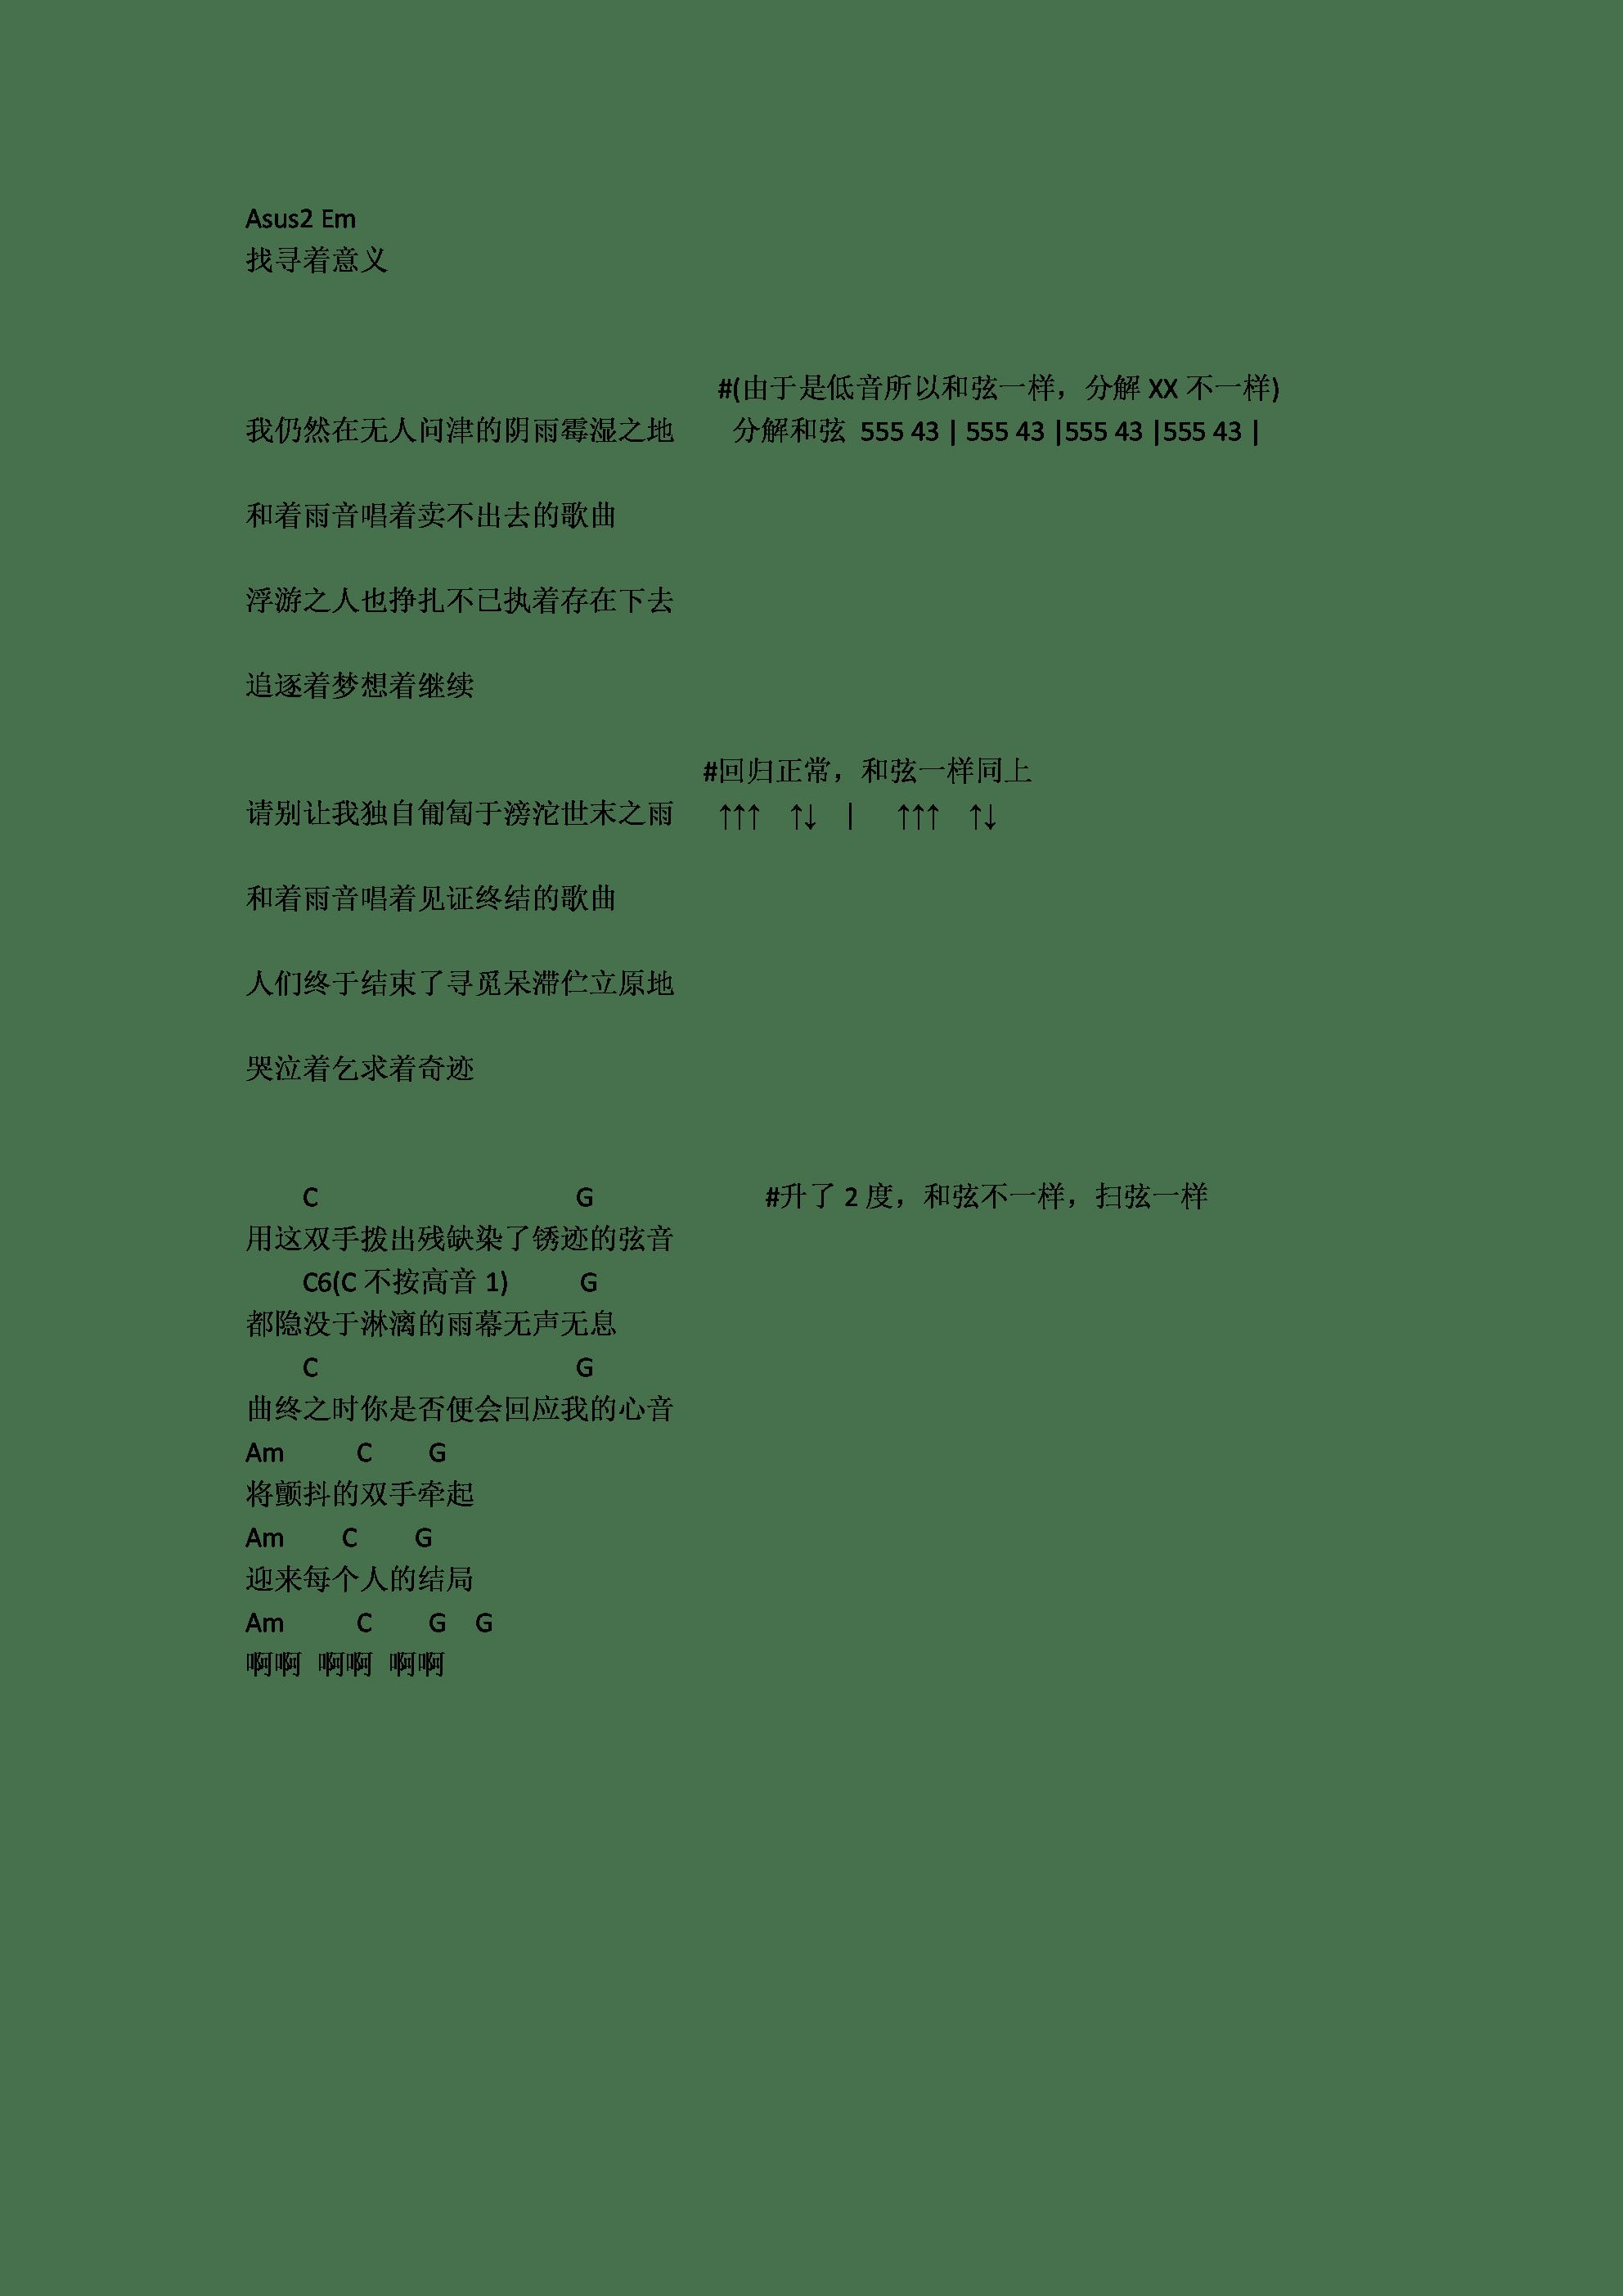 世末歌者吉他谱3